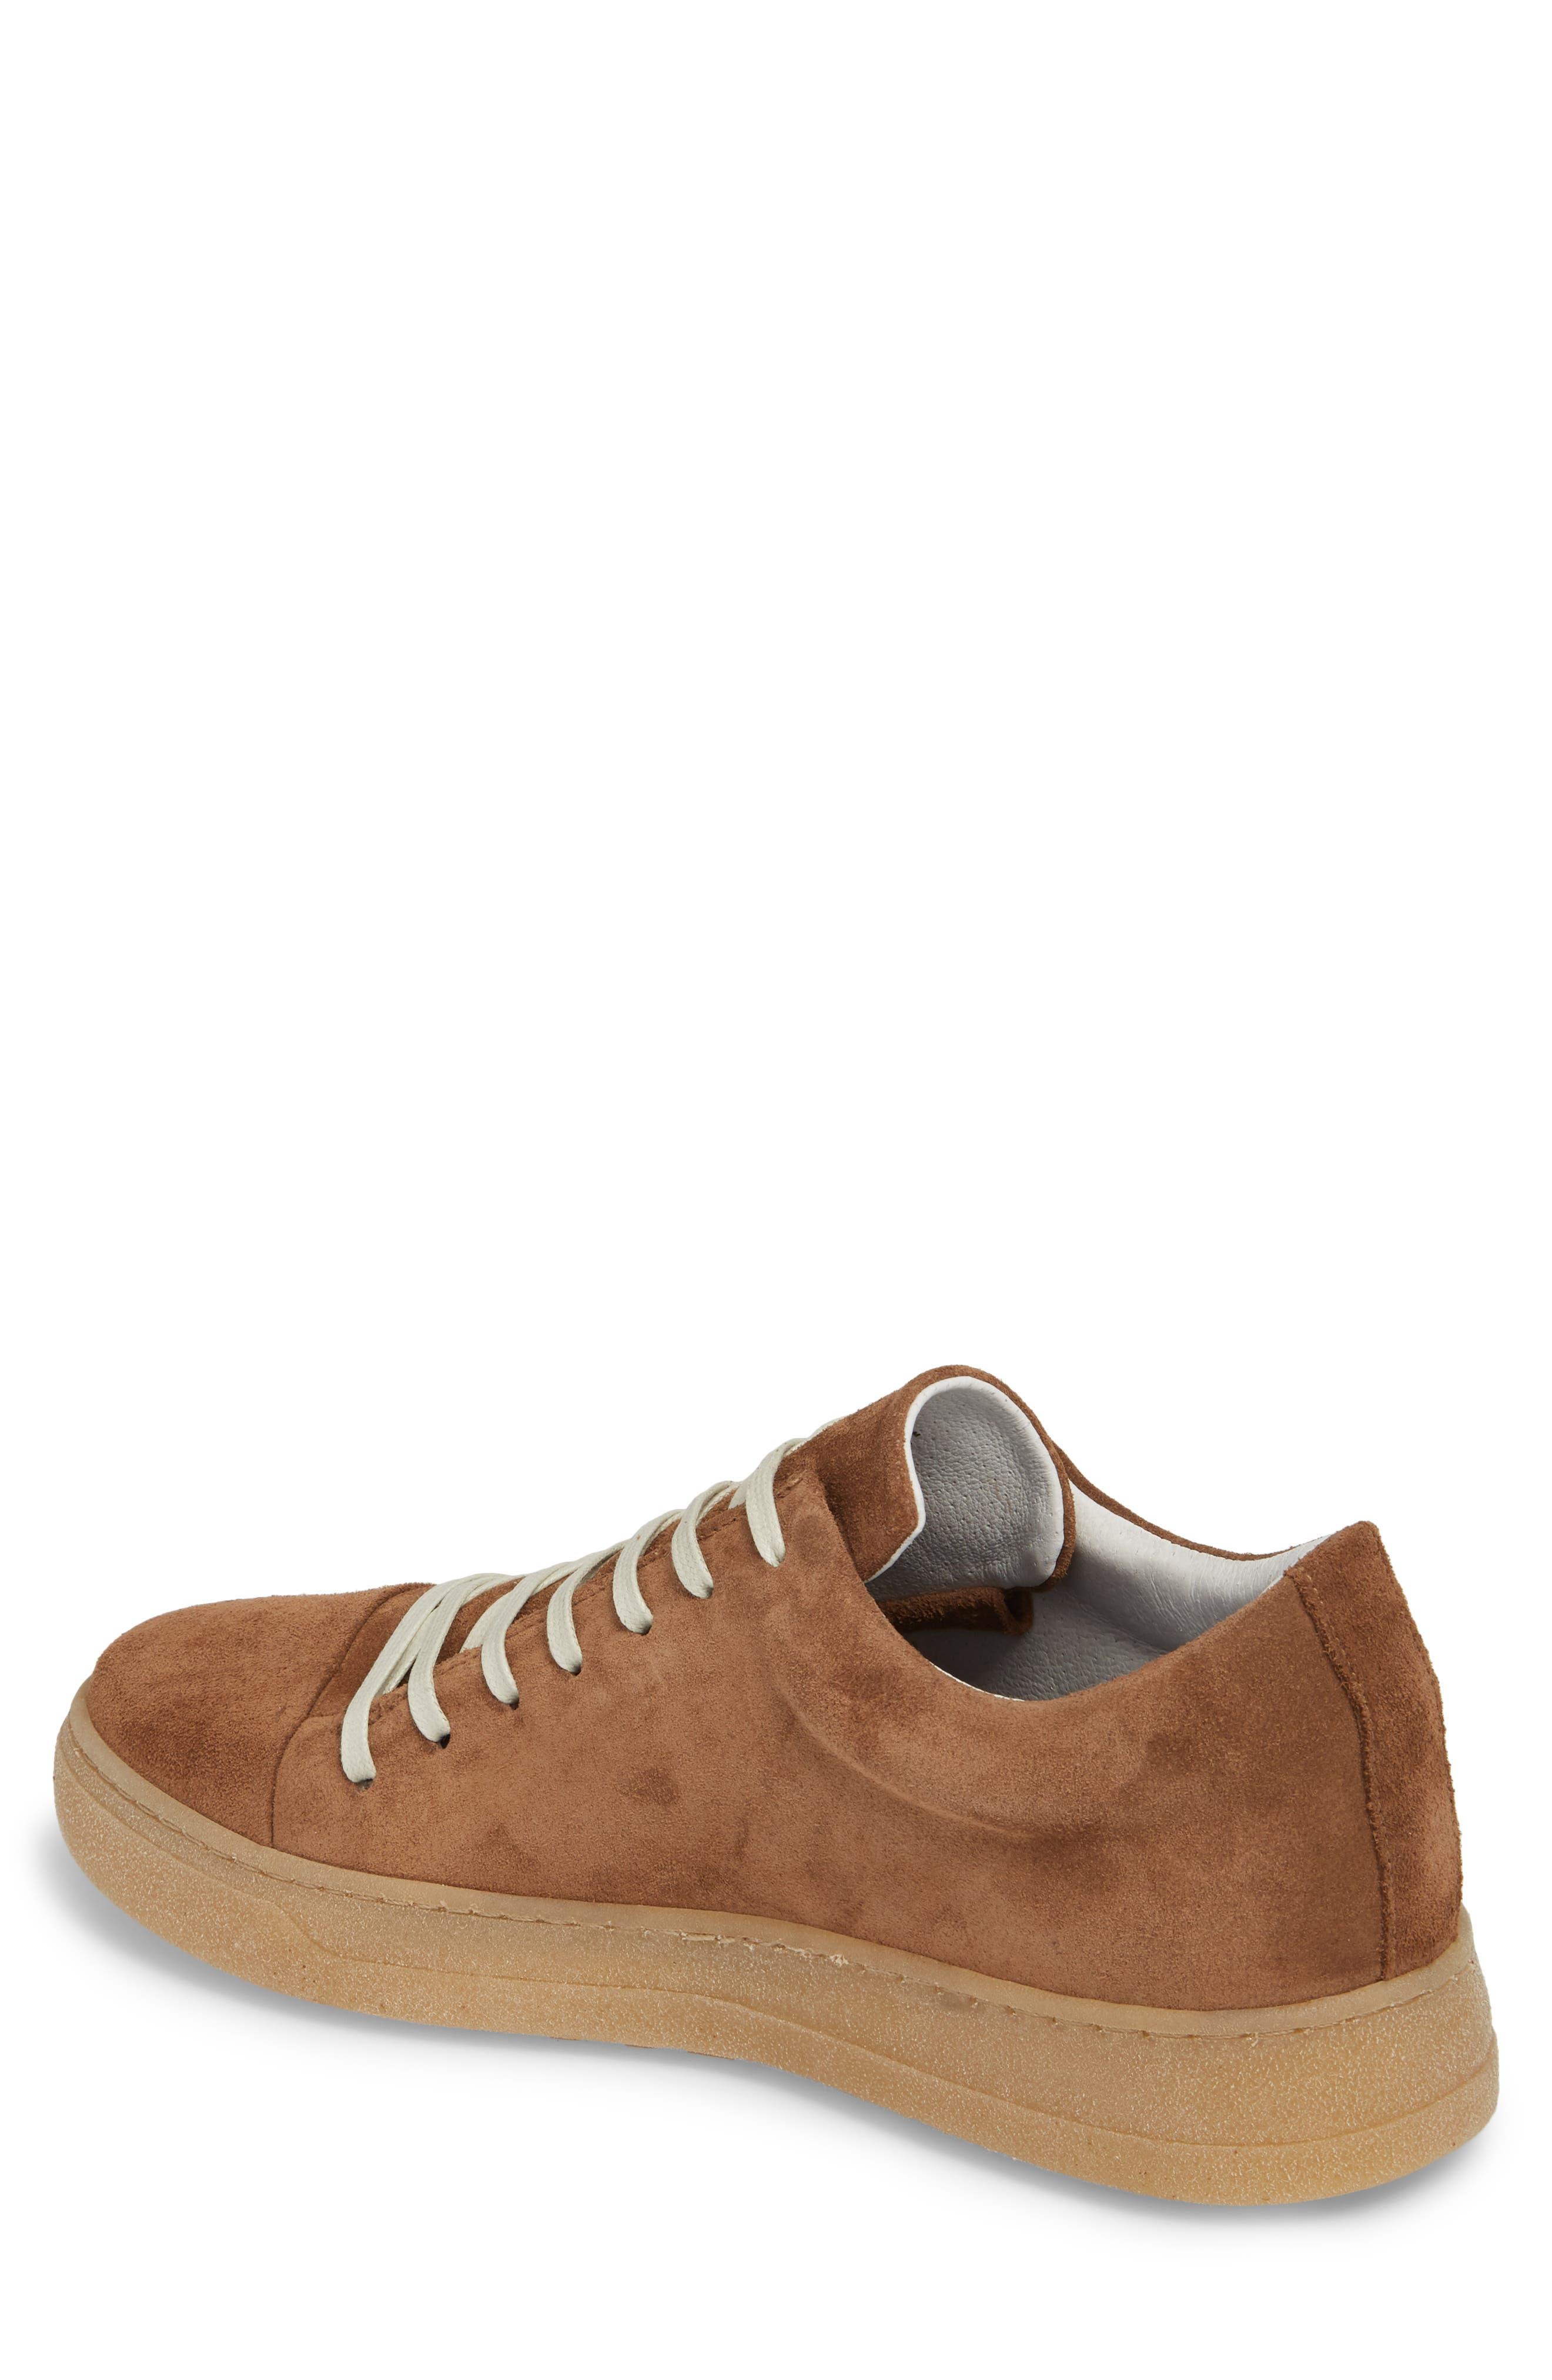 PAJAR,                             Rex Water Resistant Sneaker,                             Alternate thumbnail 2, color,                             249